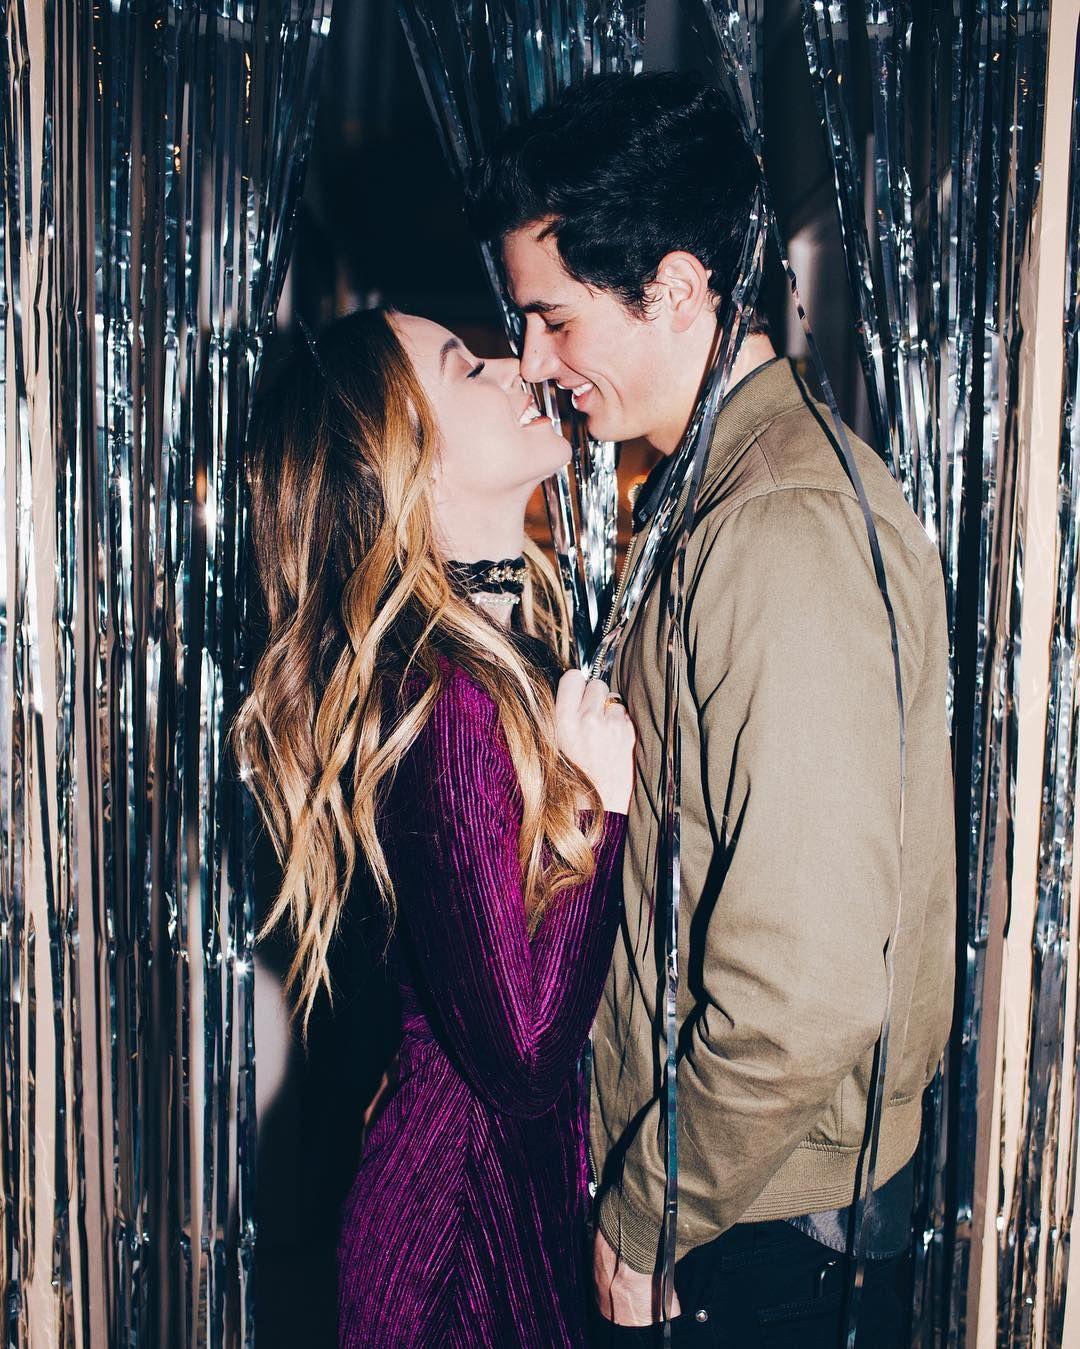 45 5k Likes 317 Comments Alex Terranova Alexfjterranova On Instagram First New Years Kiss In M New Year S Kiss New Years Eve Pictures New Year Pictures